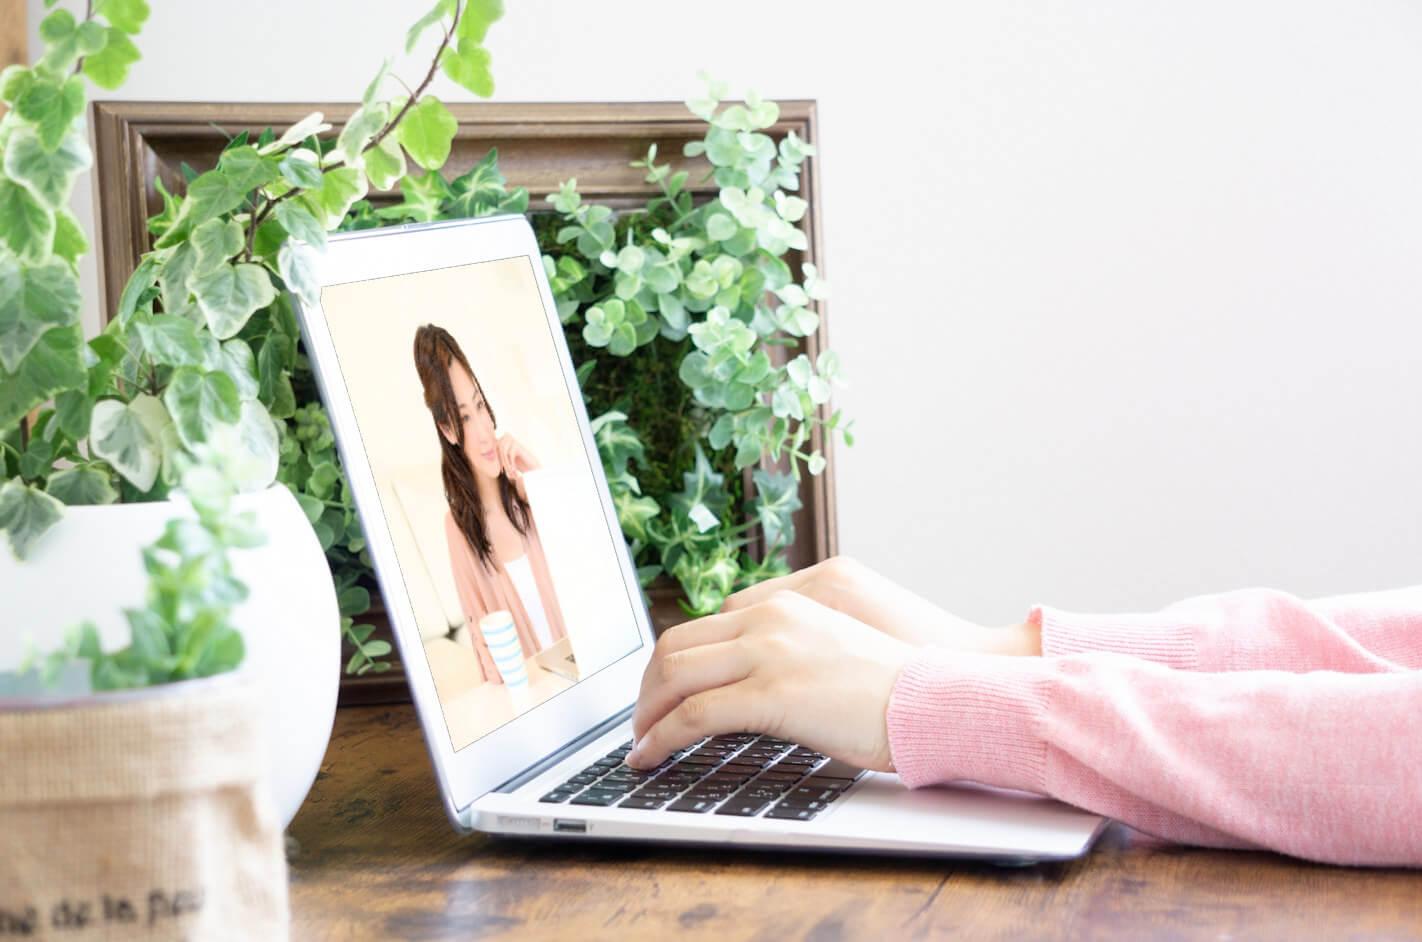 オンラインサロンで楽しむ女性の様子